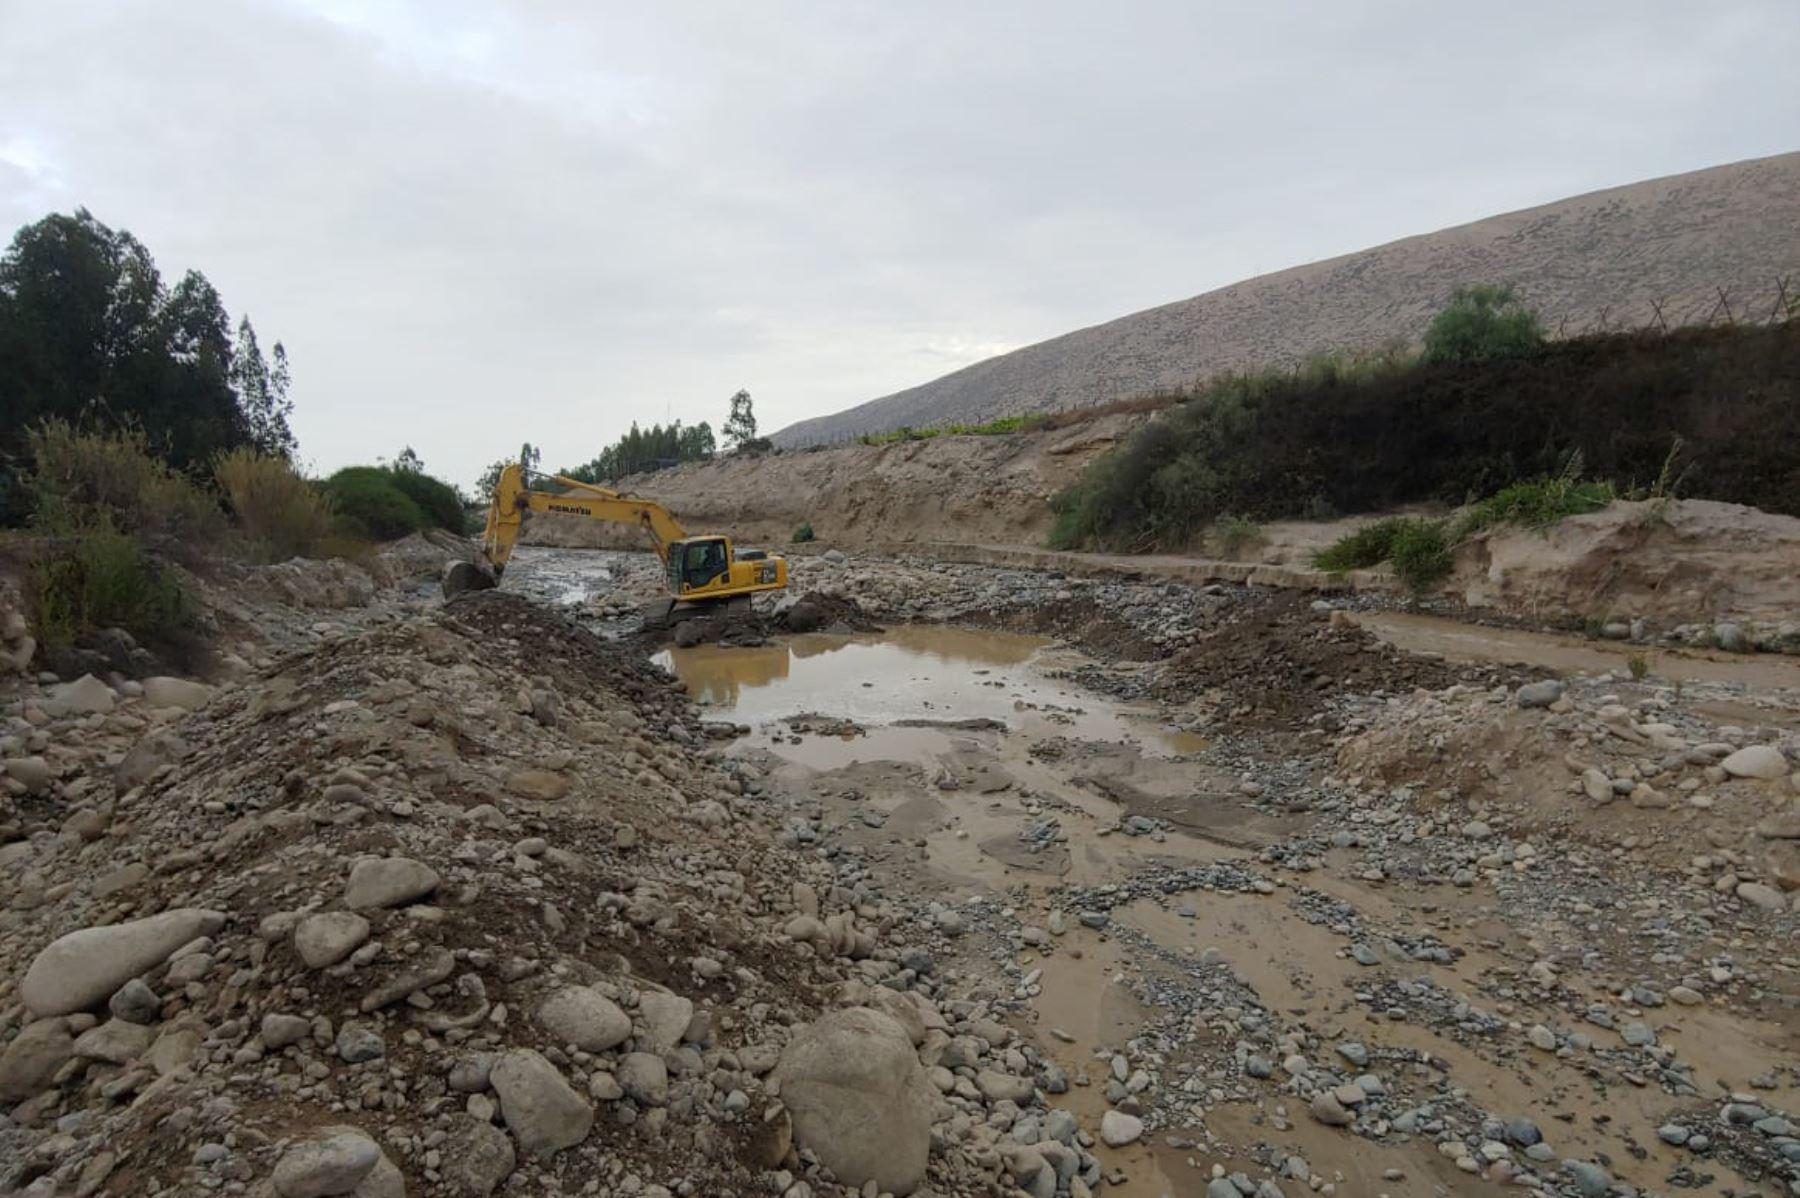 El Ministerio de Vivienda, Construcción y Saneamiento (MVCS), a través del Programa Nuestras Ciudades (PNC)-Maquinarias, realiza trabajos de limpieza y descolmatación en el río Palca, en el sector Causuri, distrito de Palca, provincia de Tacna, a fin de evitar desbordes y huaicos ante la temporada de lluvias.